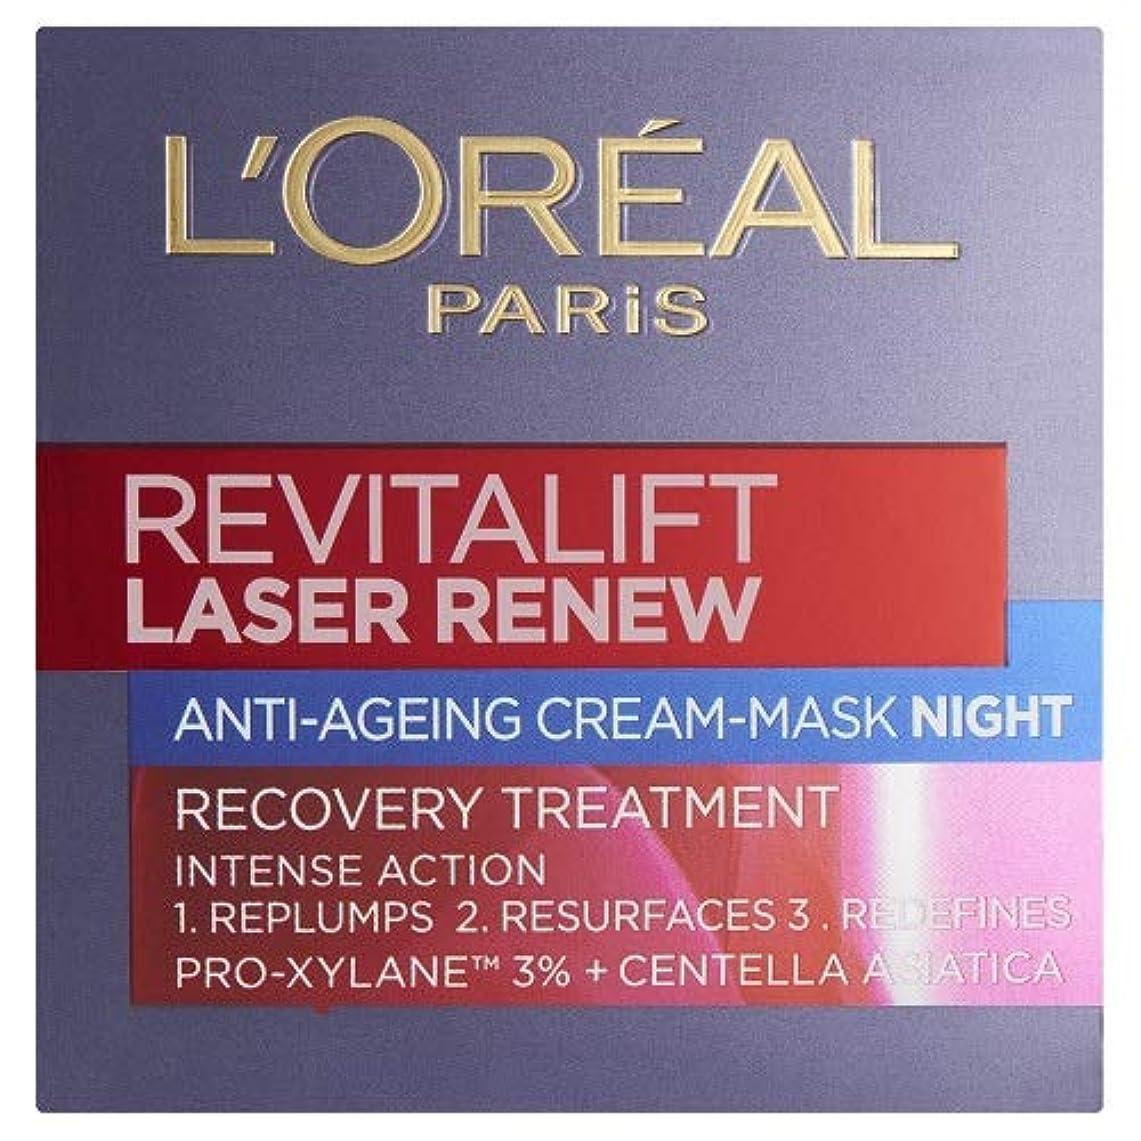 右陰気鳴らすL'Oreal Paris Revitalift Laser Renew Night Cream (50ml) パリrevitaliftレーザーはナイトクリームを更新l'オラ?ら( 50ミリリットル)